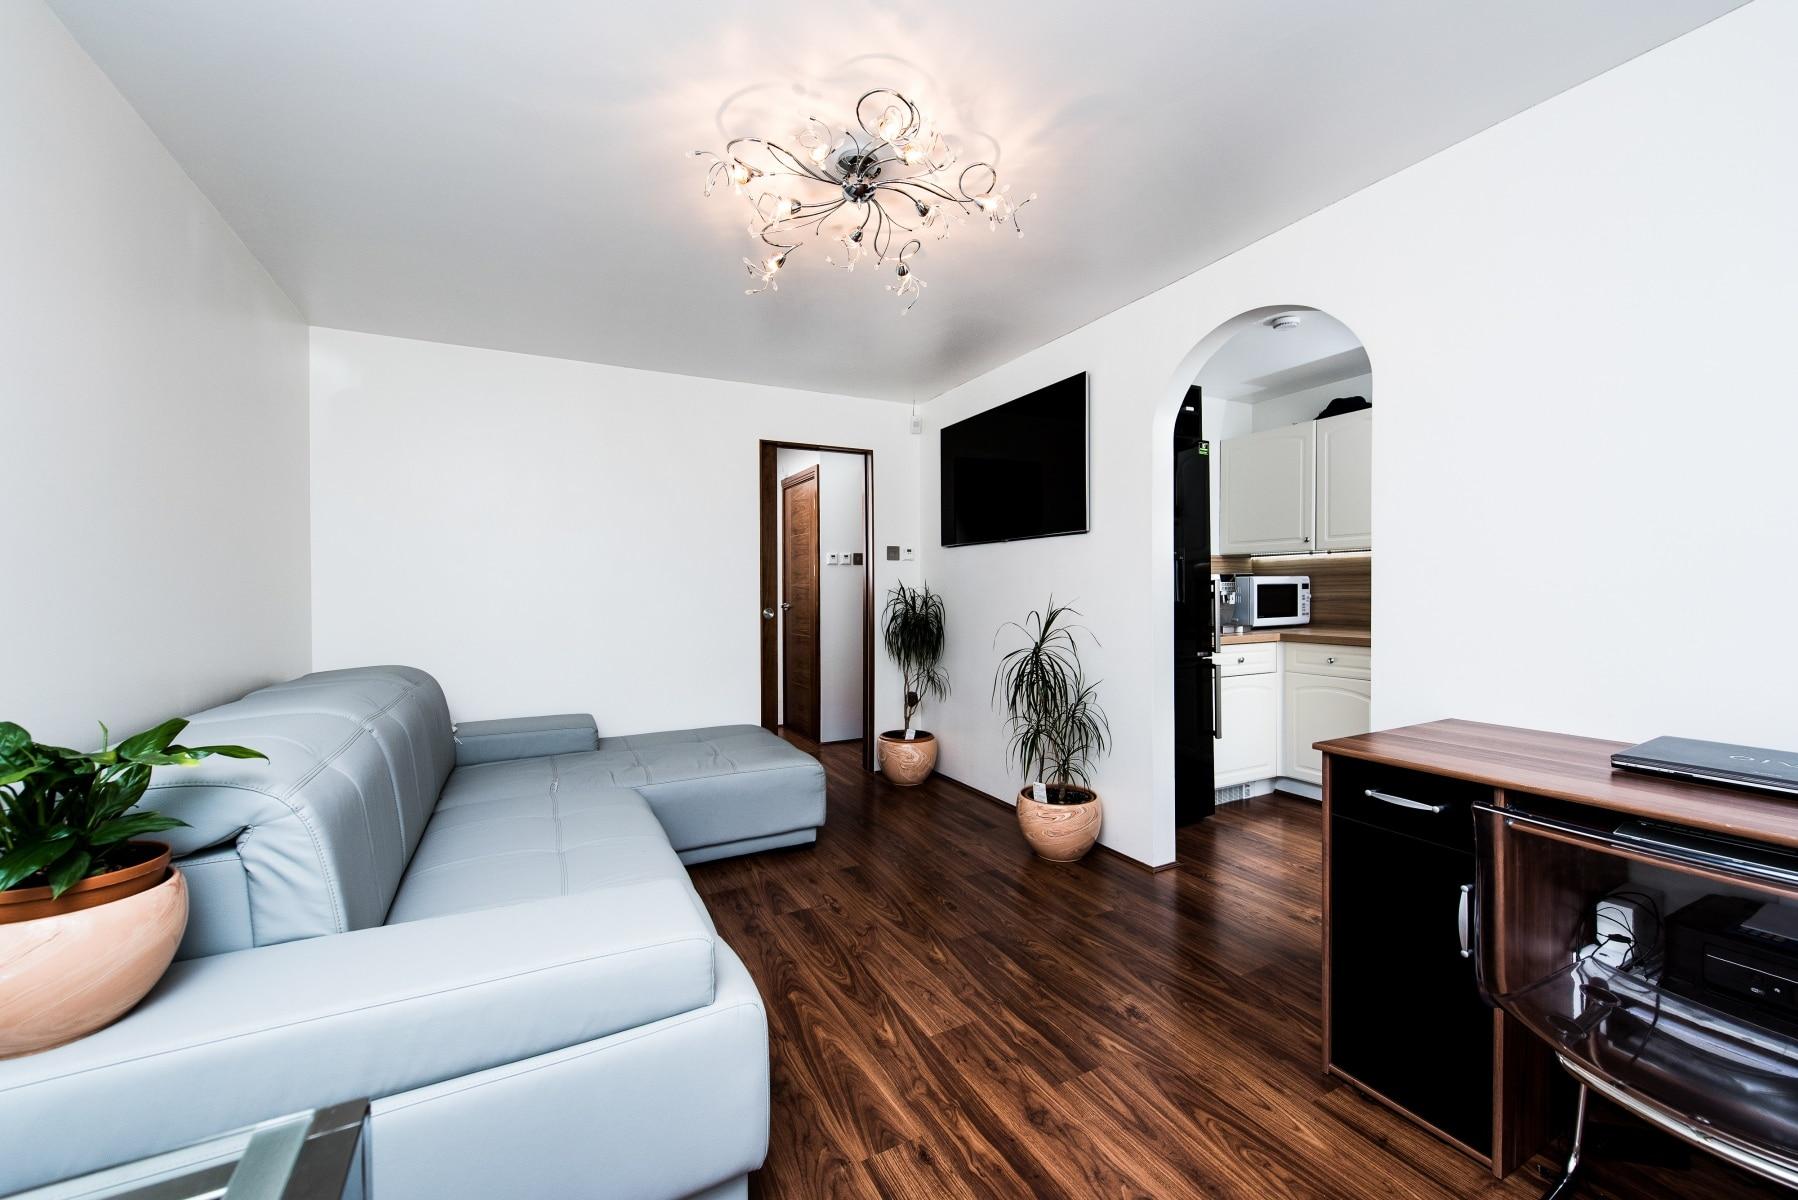 Living room renovation in Docklands